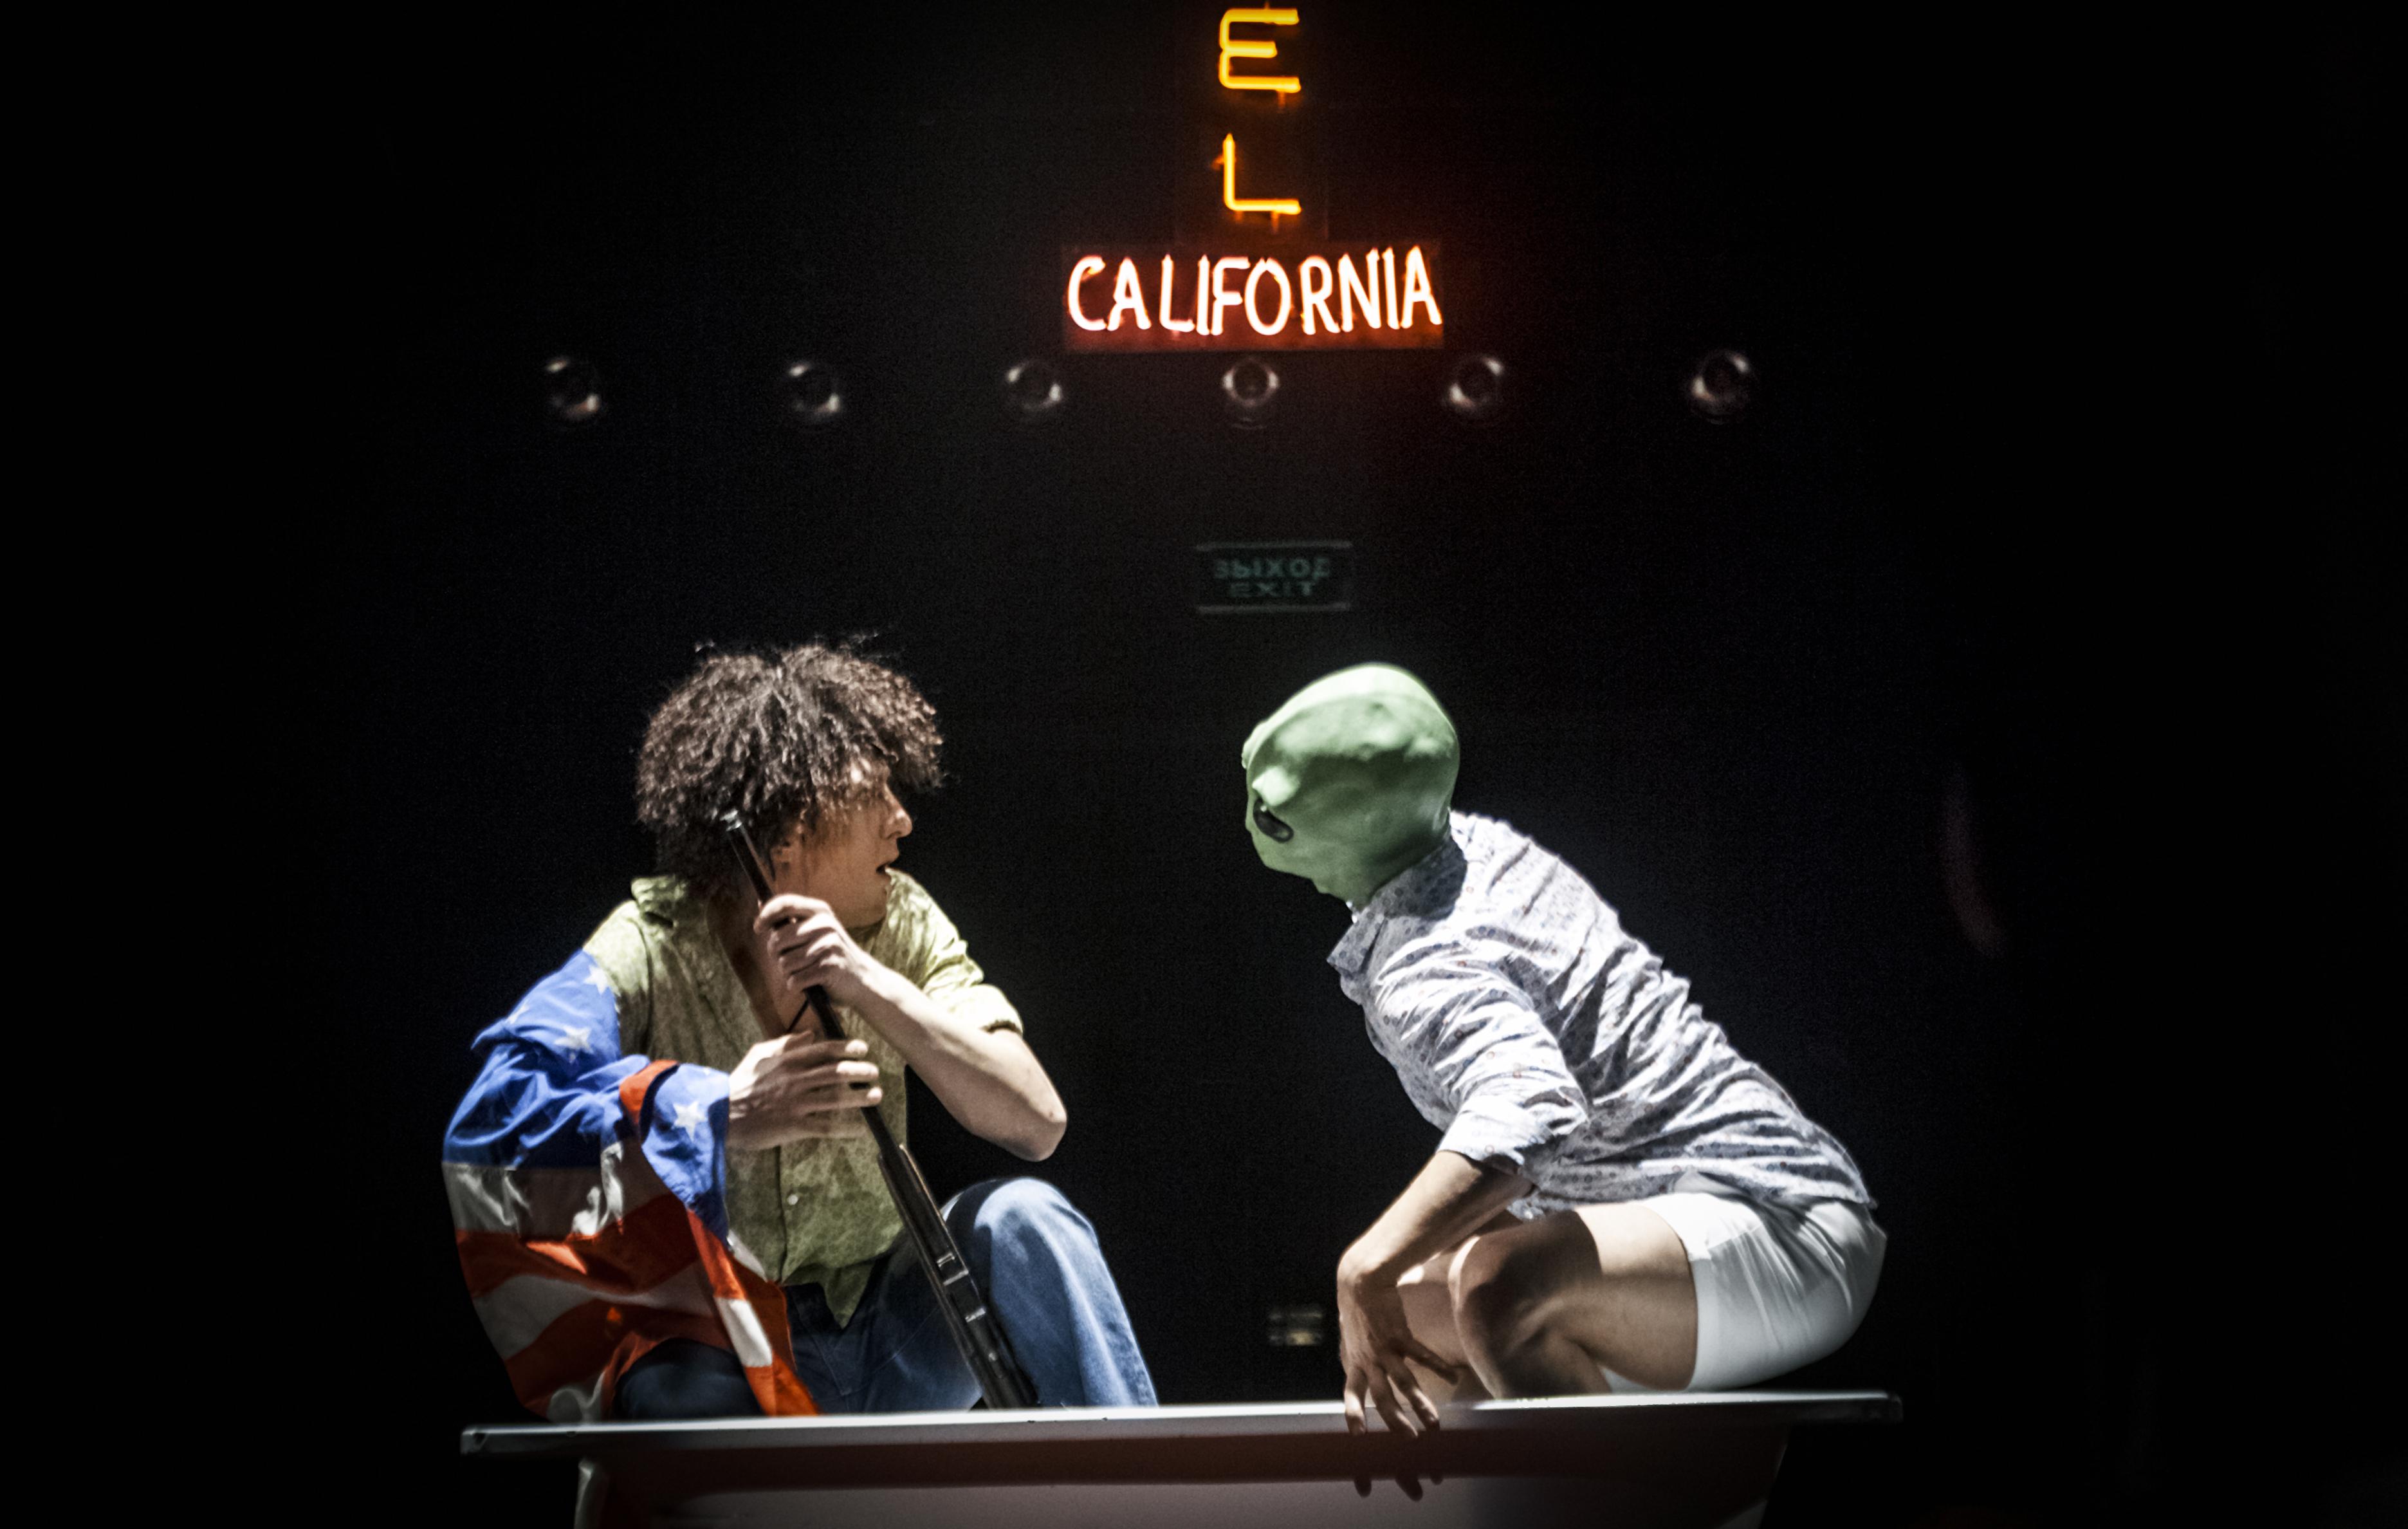 зеленые, центр мейерхольда отель калифорния фотографии образы должны